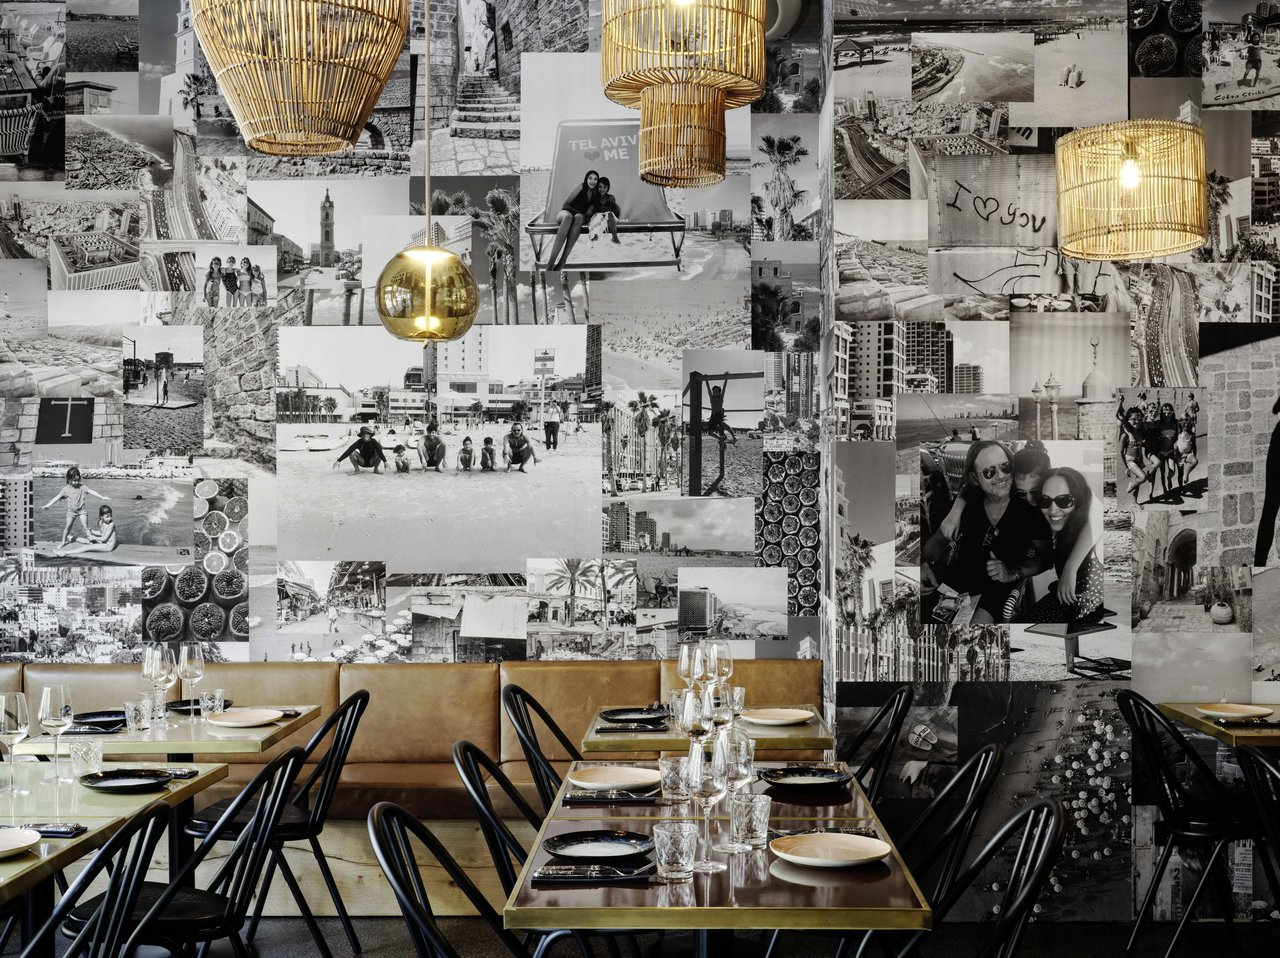 Inneneinrichtung mit Tischen und Stühlen des Joseph Restaurants